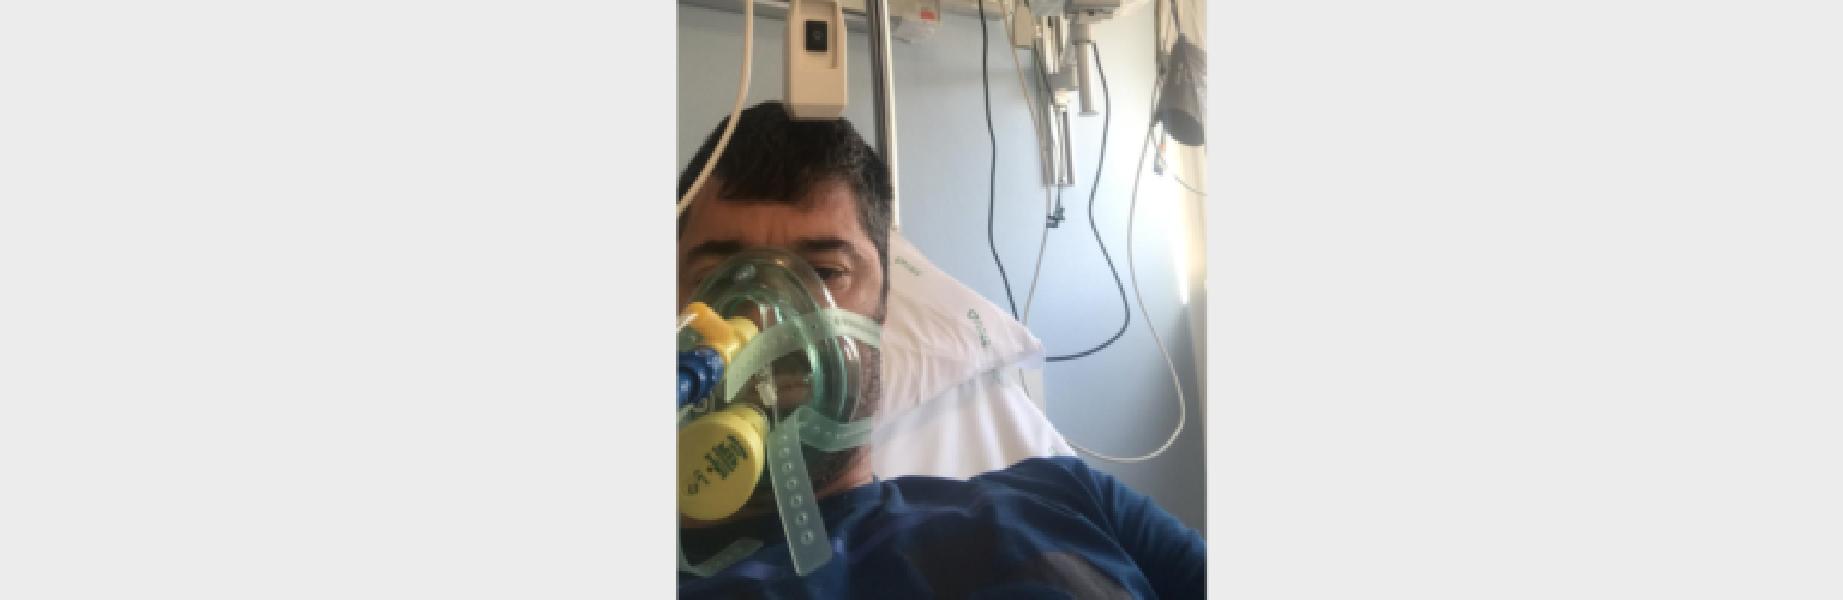 https://www.basketmarche.it/immagini_articoli/15-03-2020/messaggio-matteo-malaventura-sono-ospedale-attaccato-ossigeno-polmonite-600.png